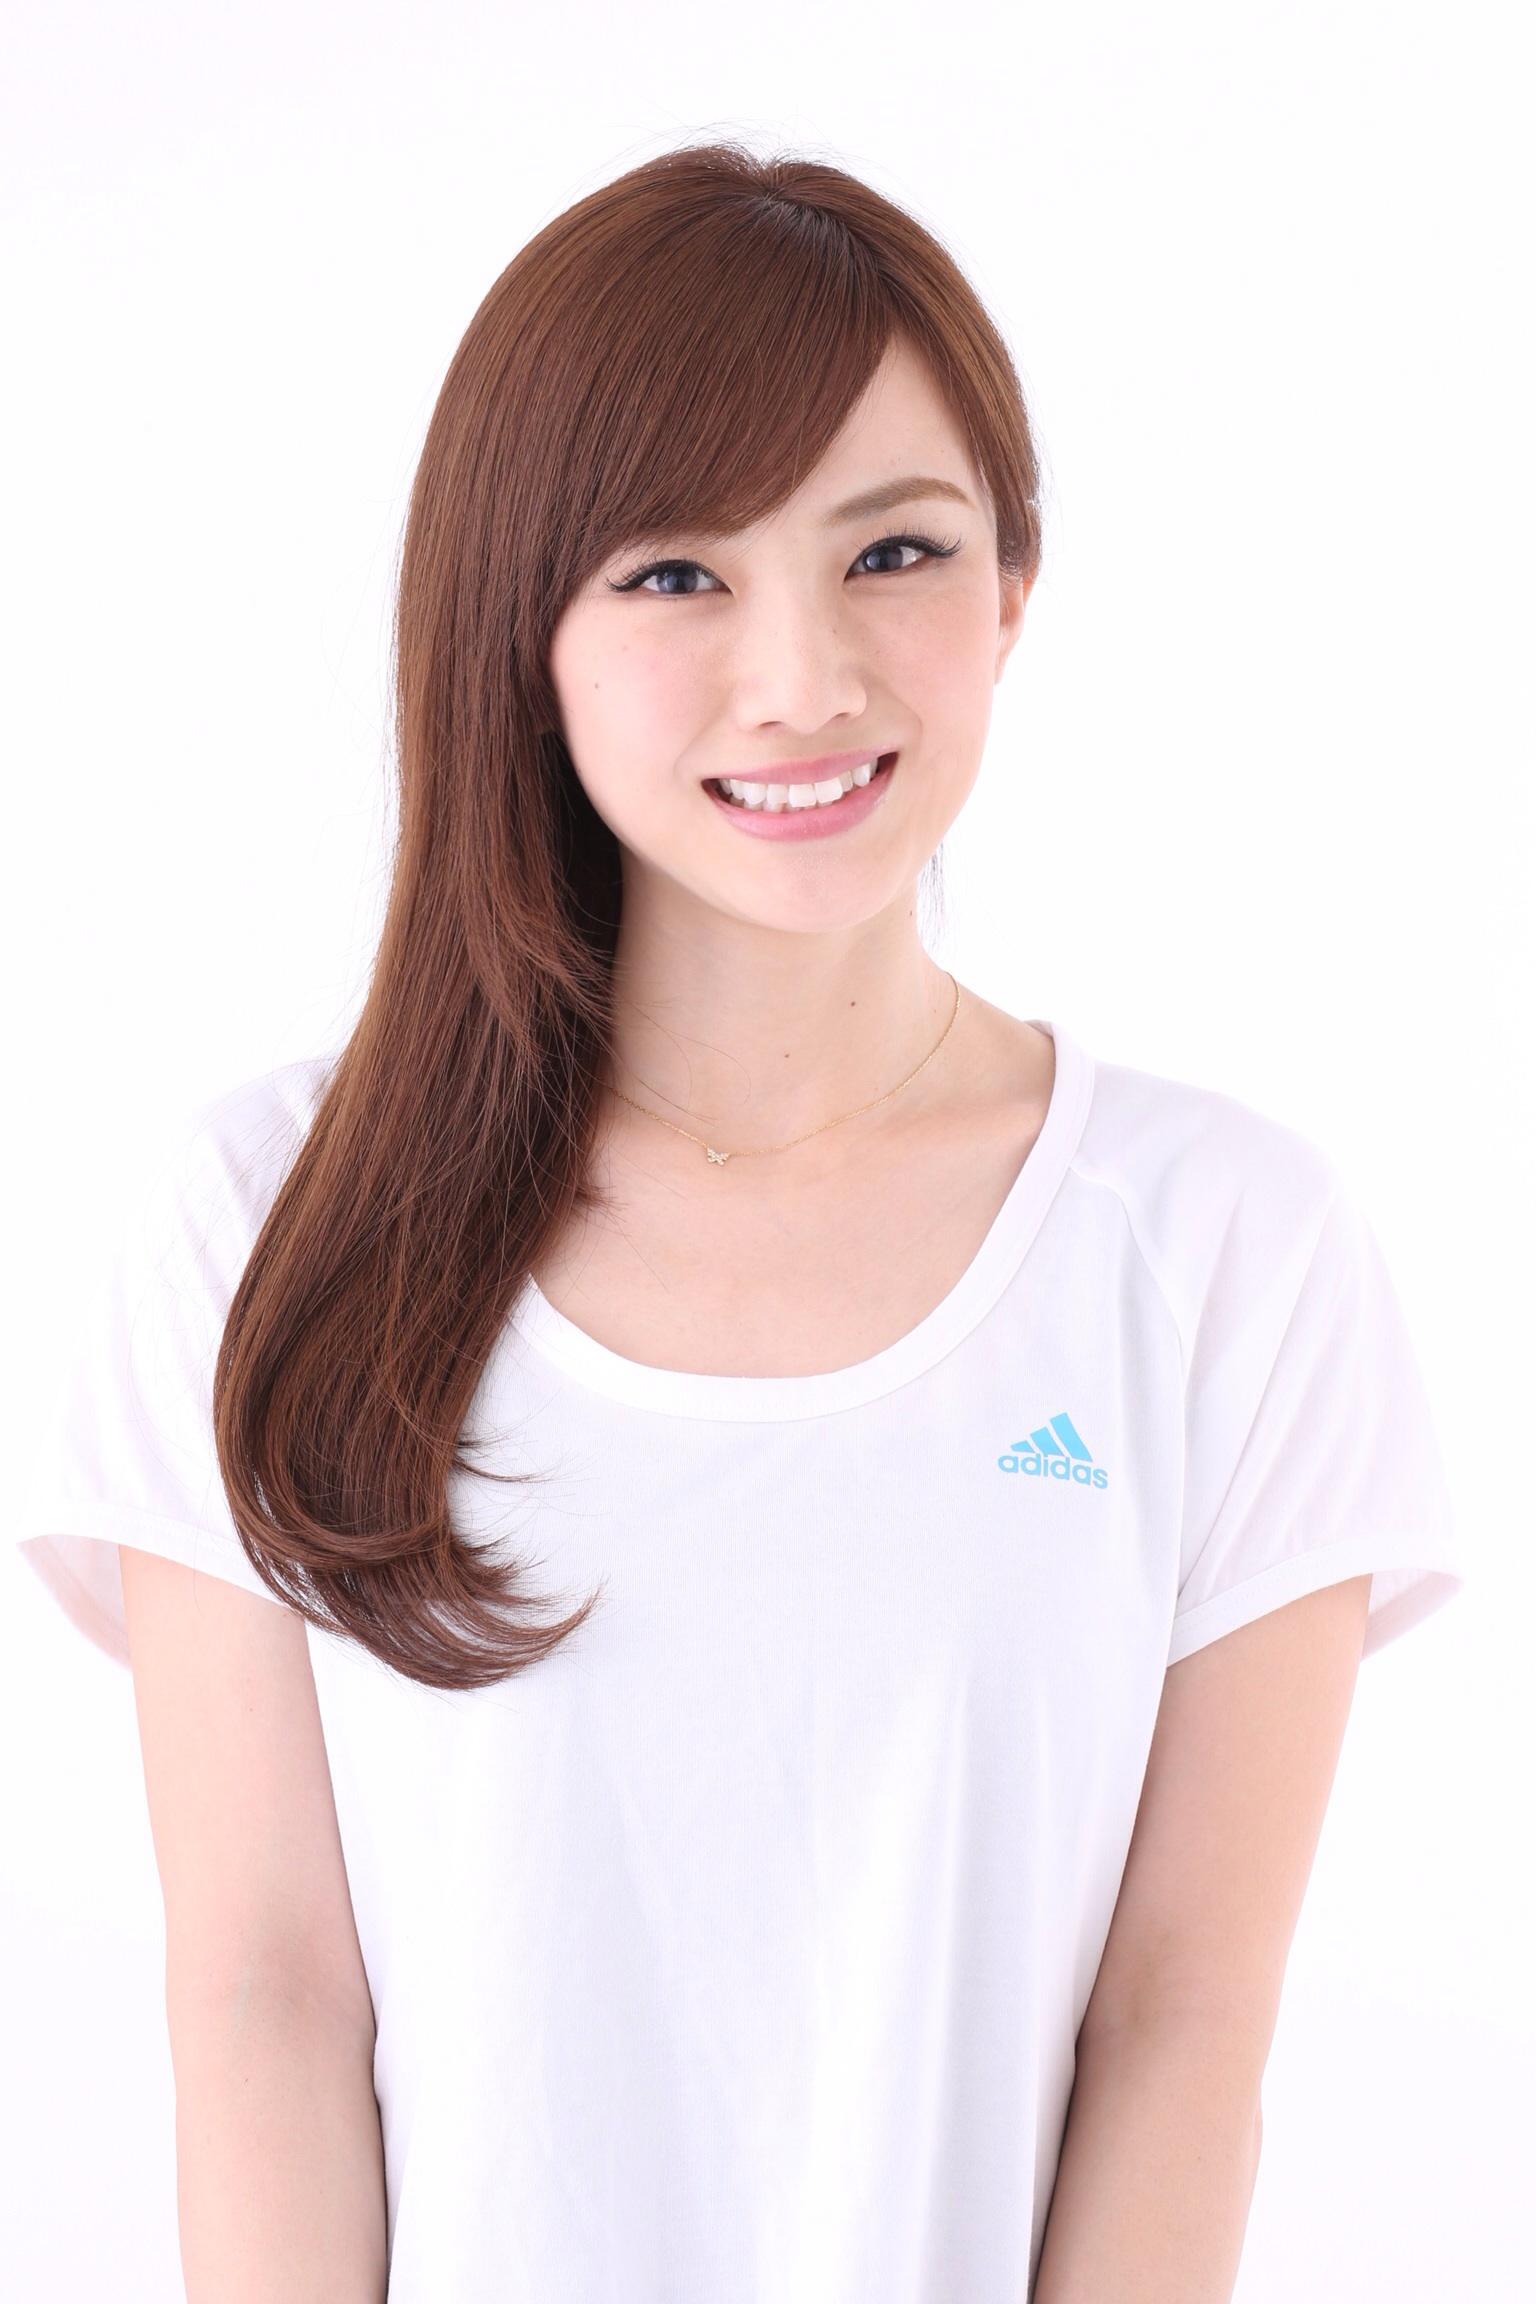 湯田友美さん